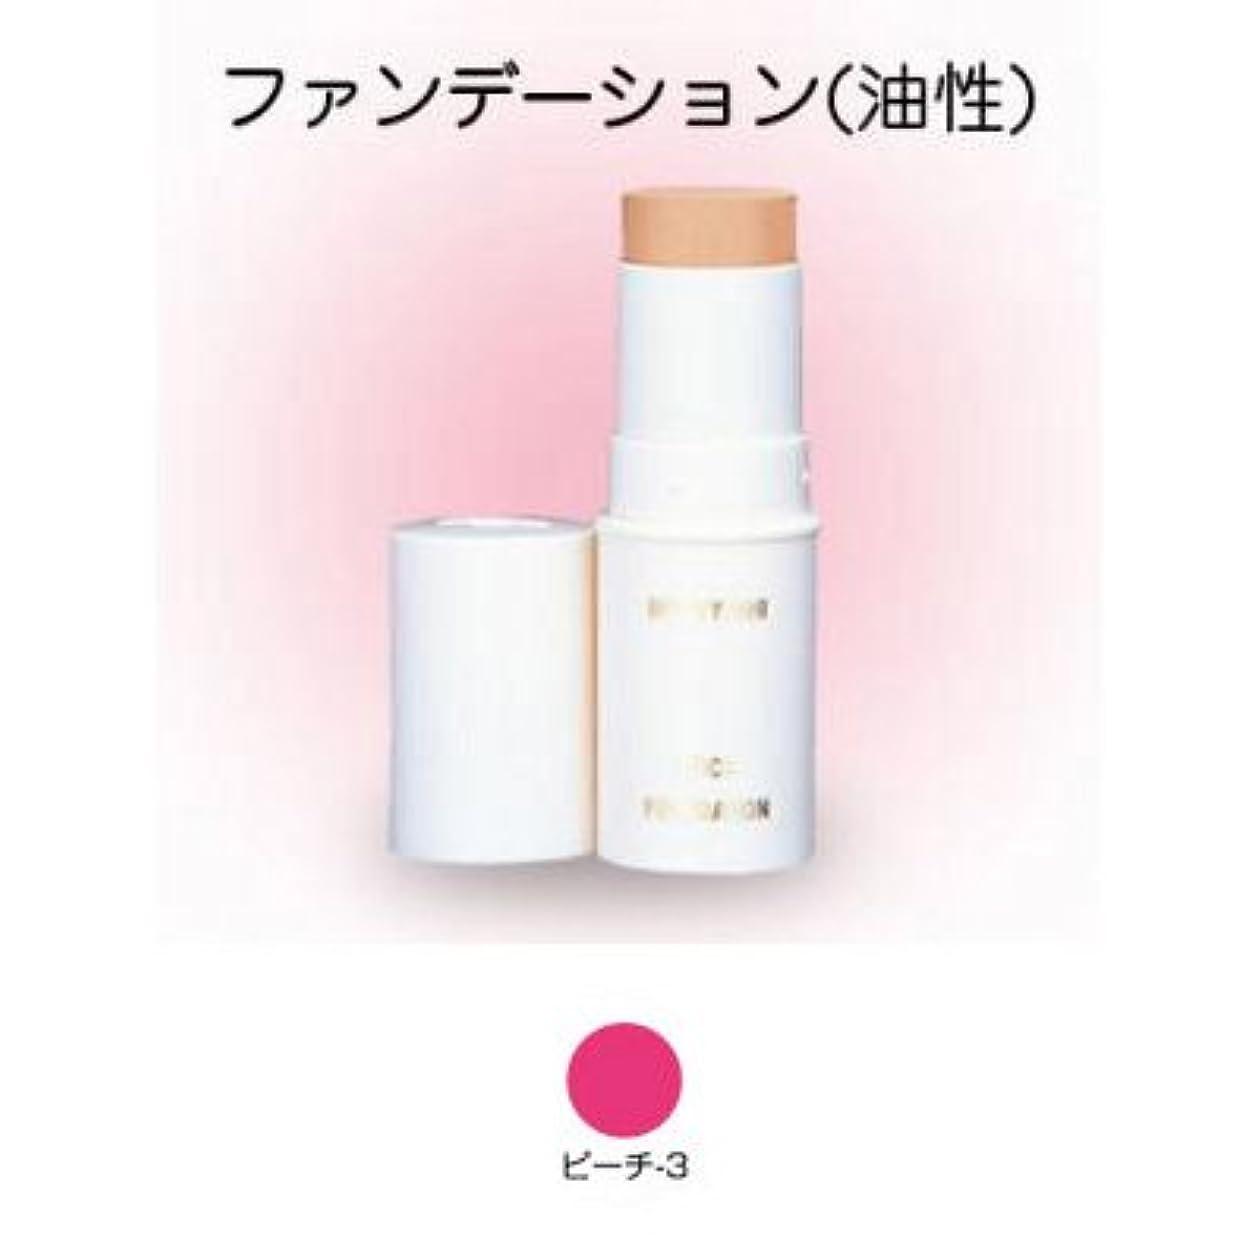 スティックファンデーション 16g ピーチ-3 【三善】